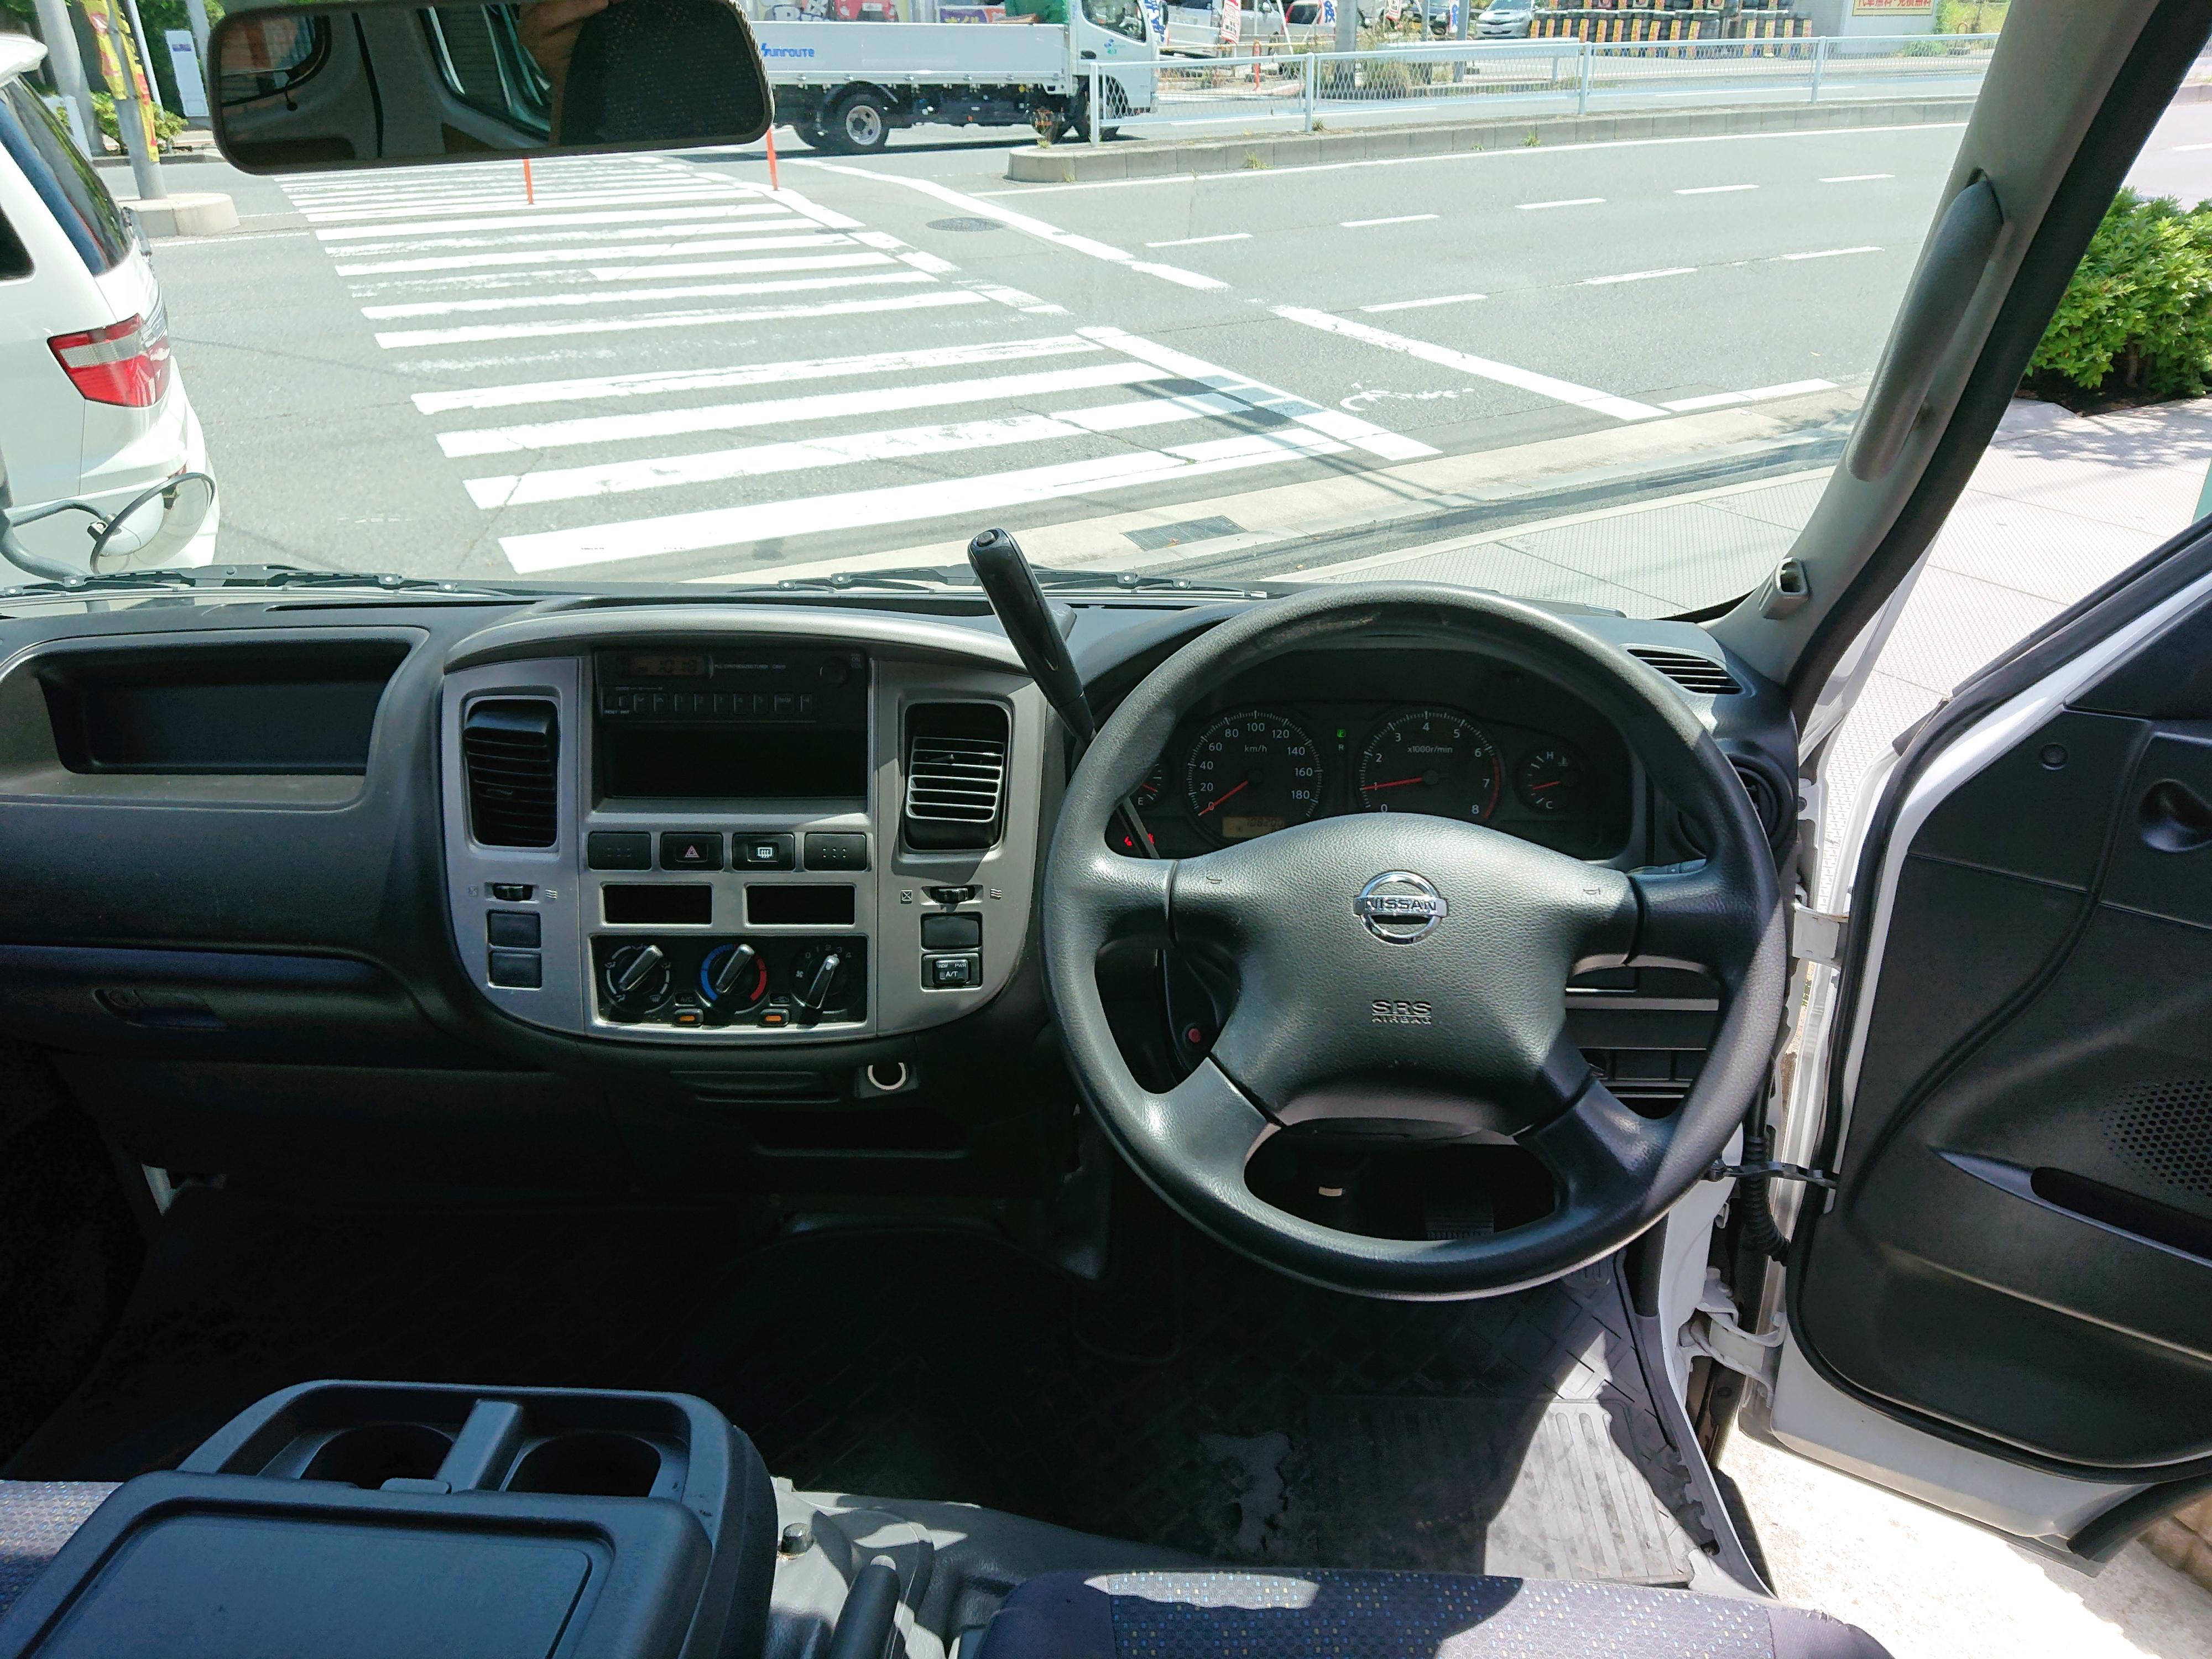 日産キャラバン 5ドアロング平床DXの車両写真 その9